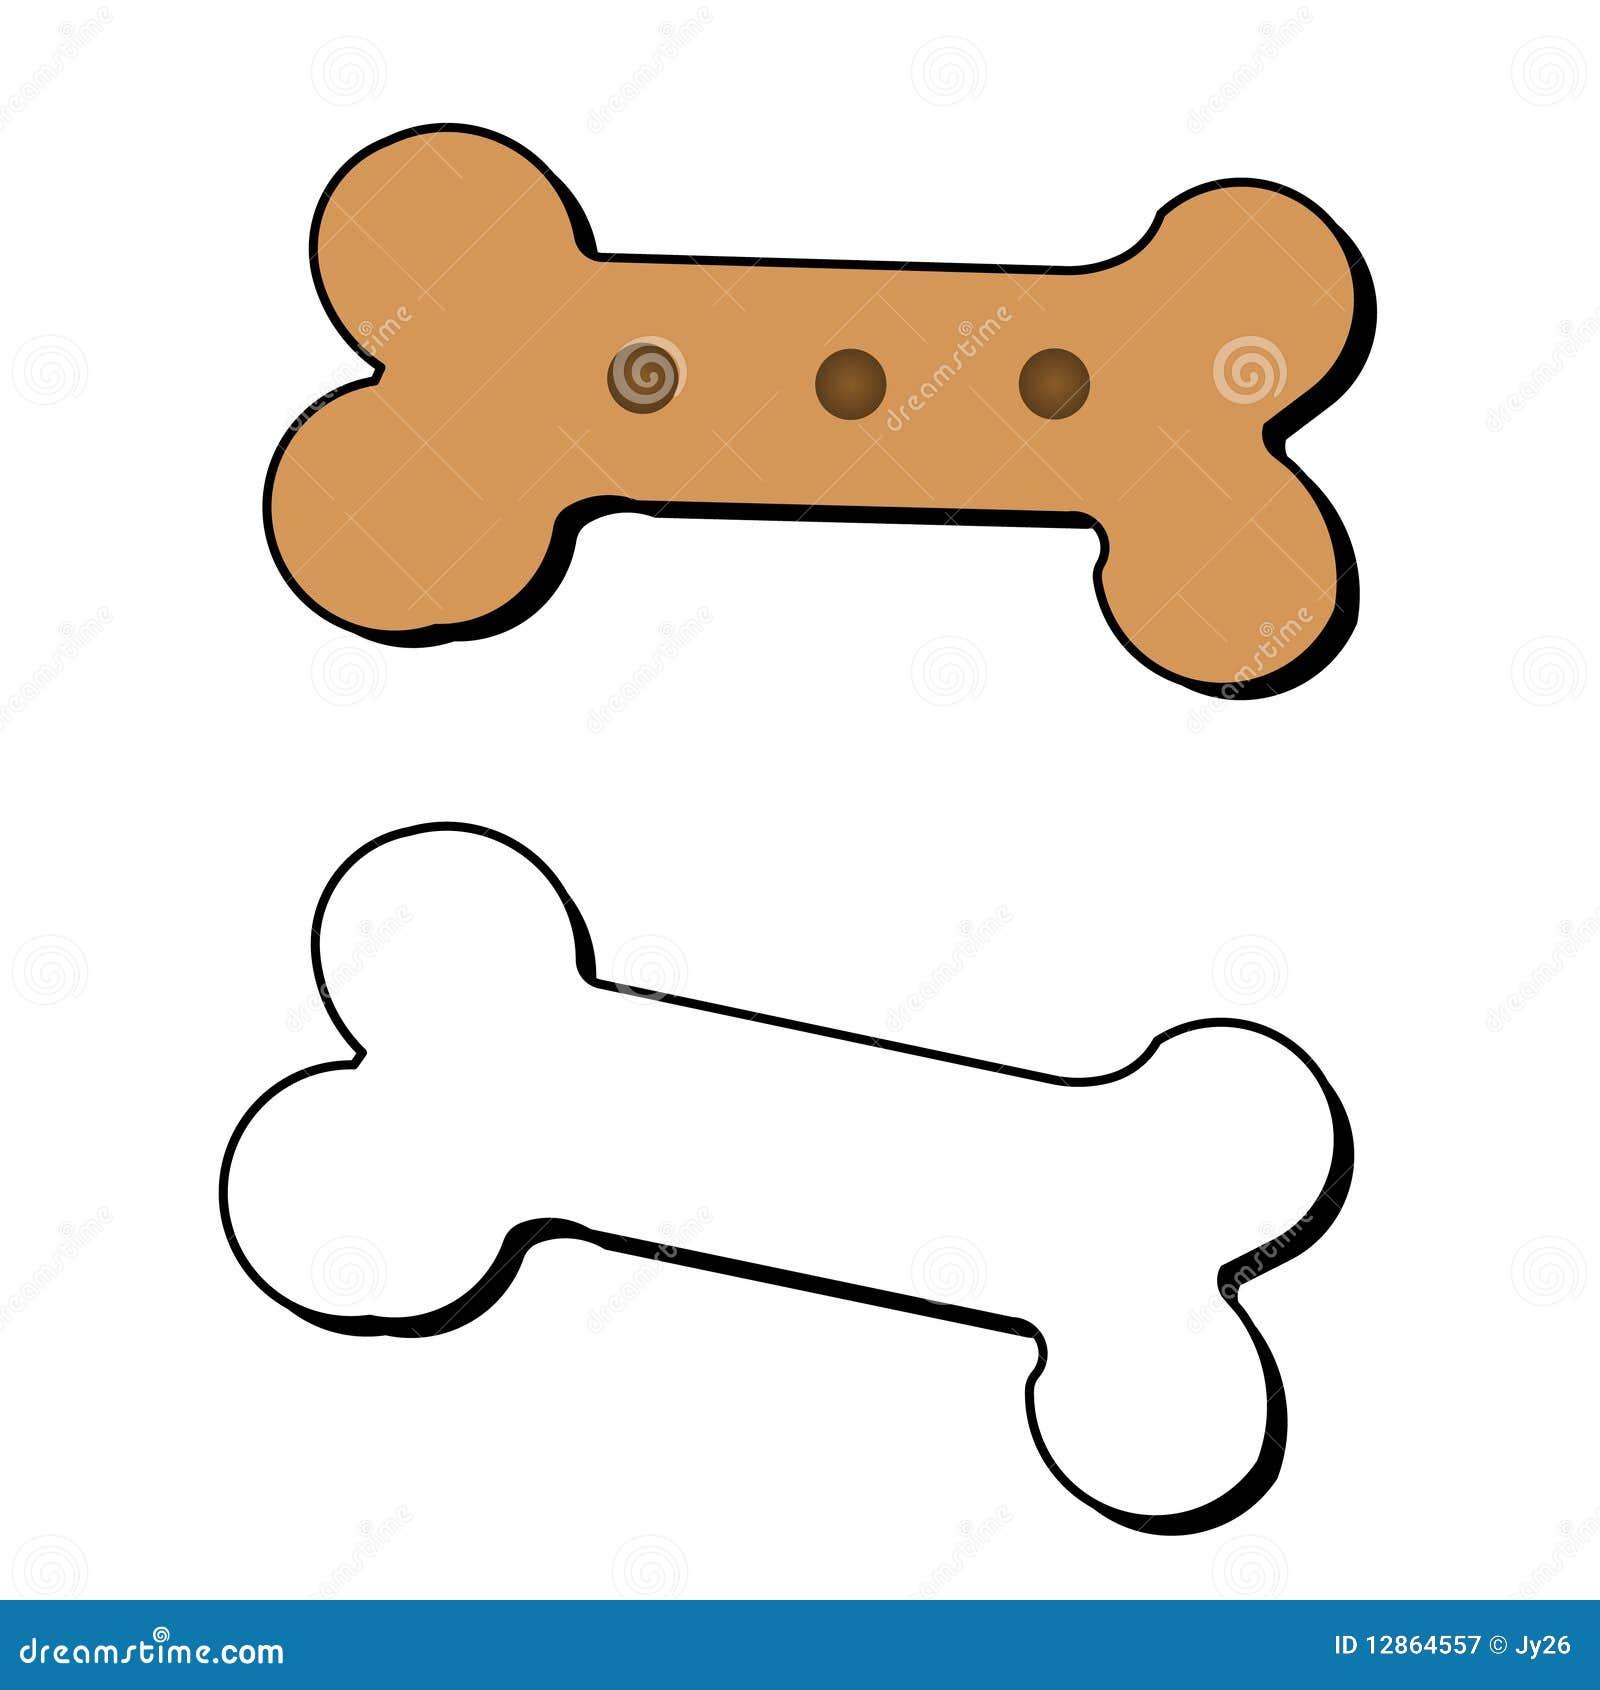 Vetor do osso de cão. Vetor do osso de cão. Saída de Maternidade com Bonezinho  Ancora 6603 Boné 3de5ebffe78